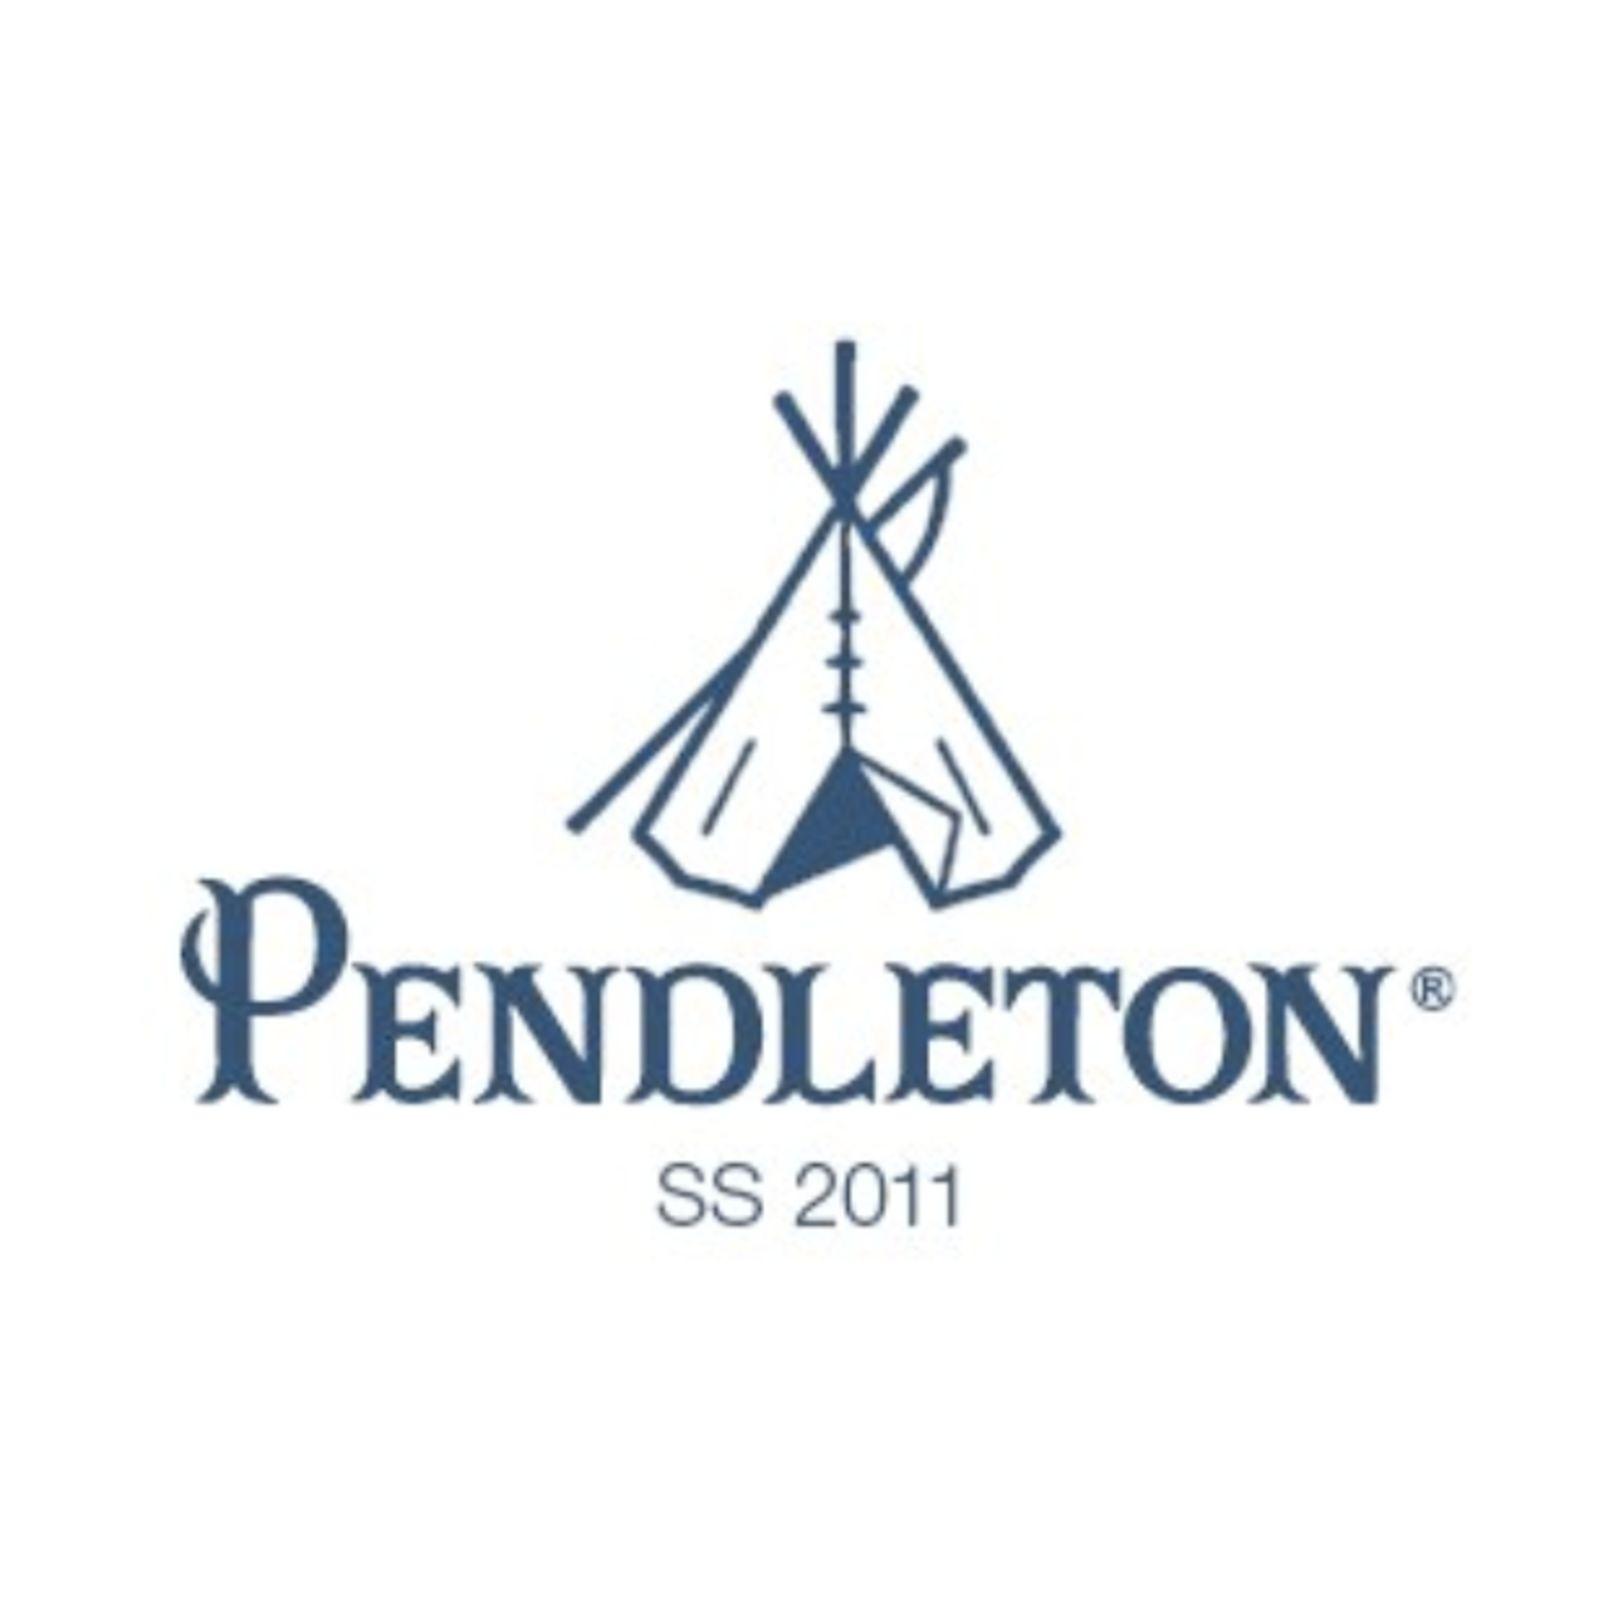 PENDLETON (Imagen 1)